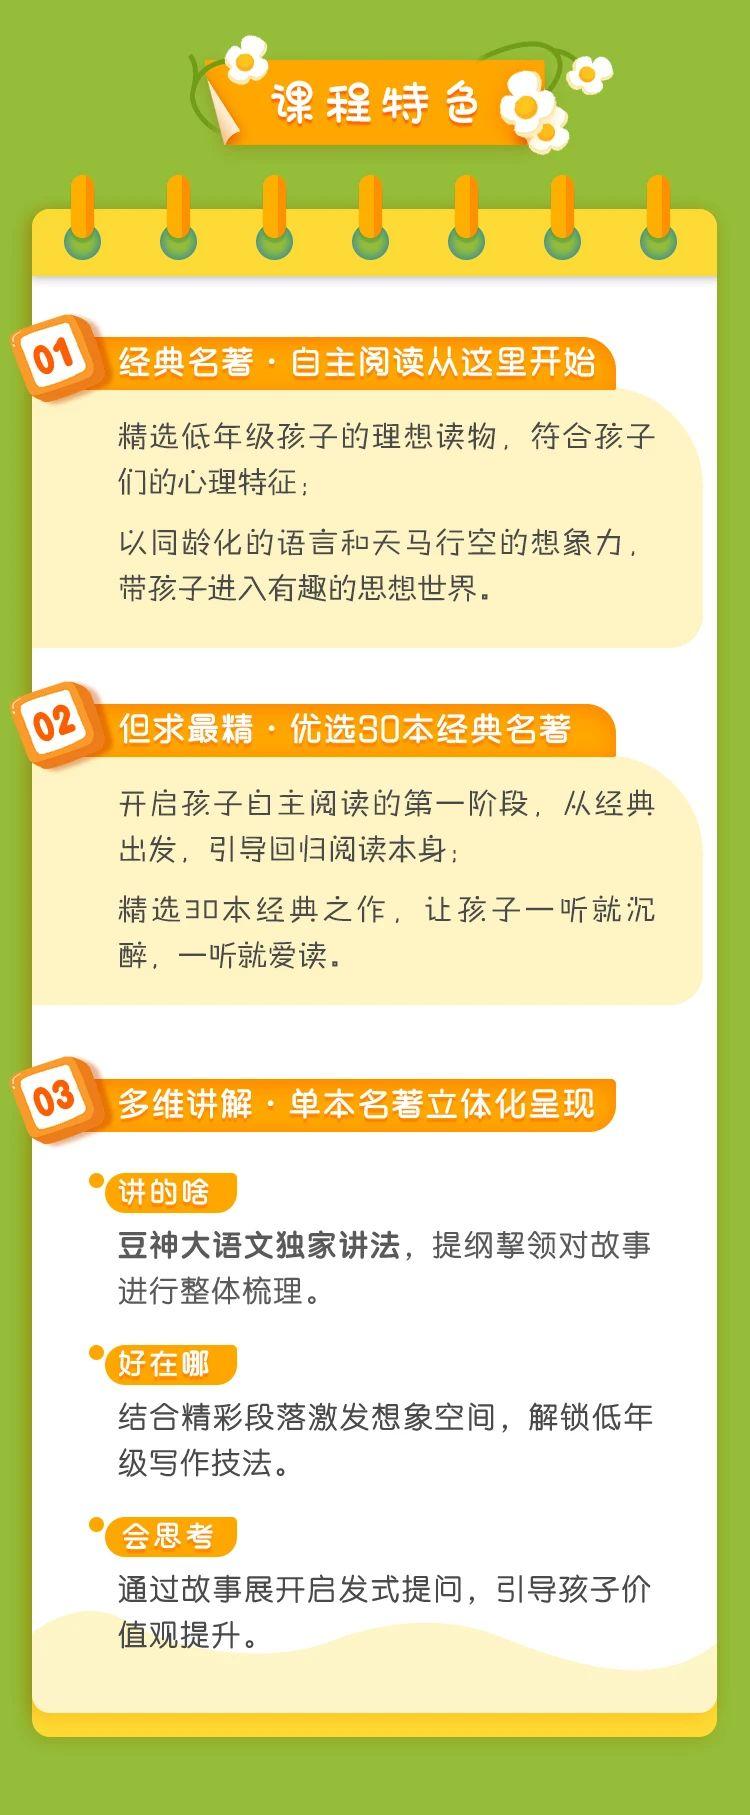 诸葛学堂豆神大语文儿童文学阅读课2.jpg